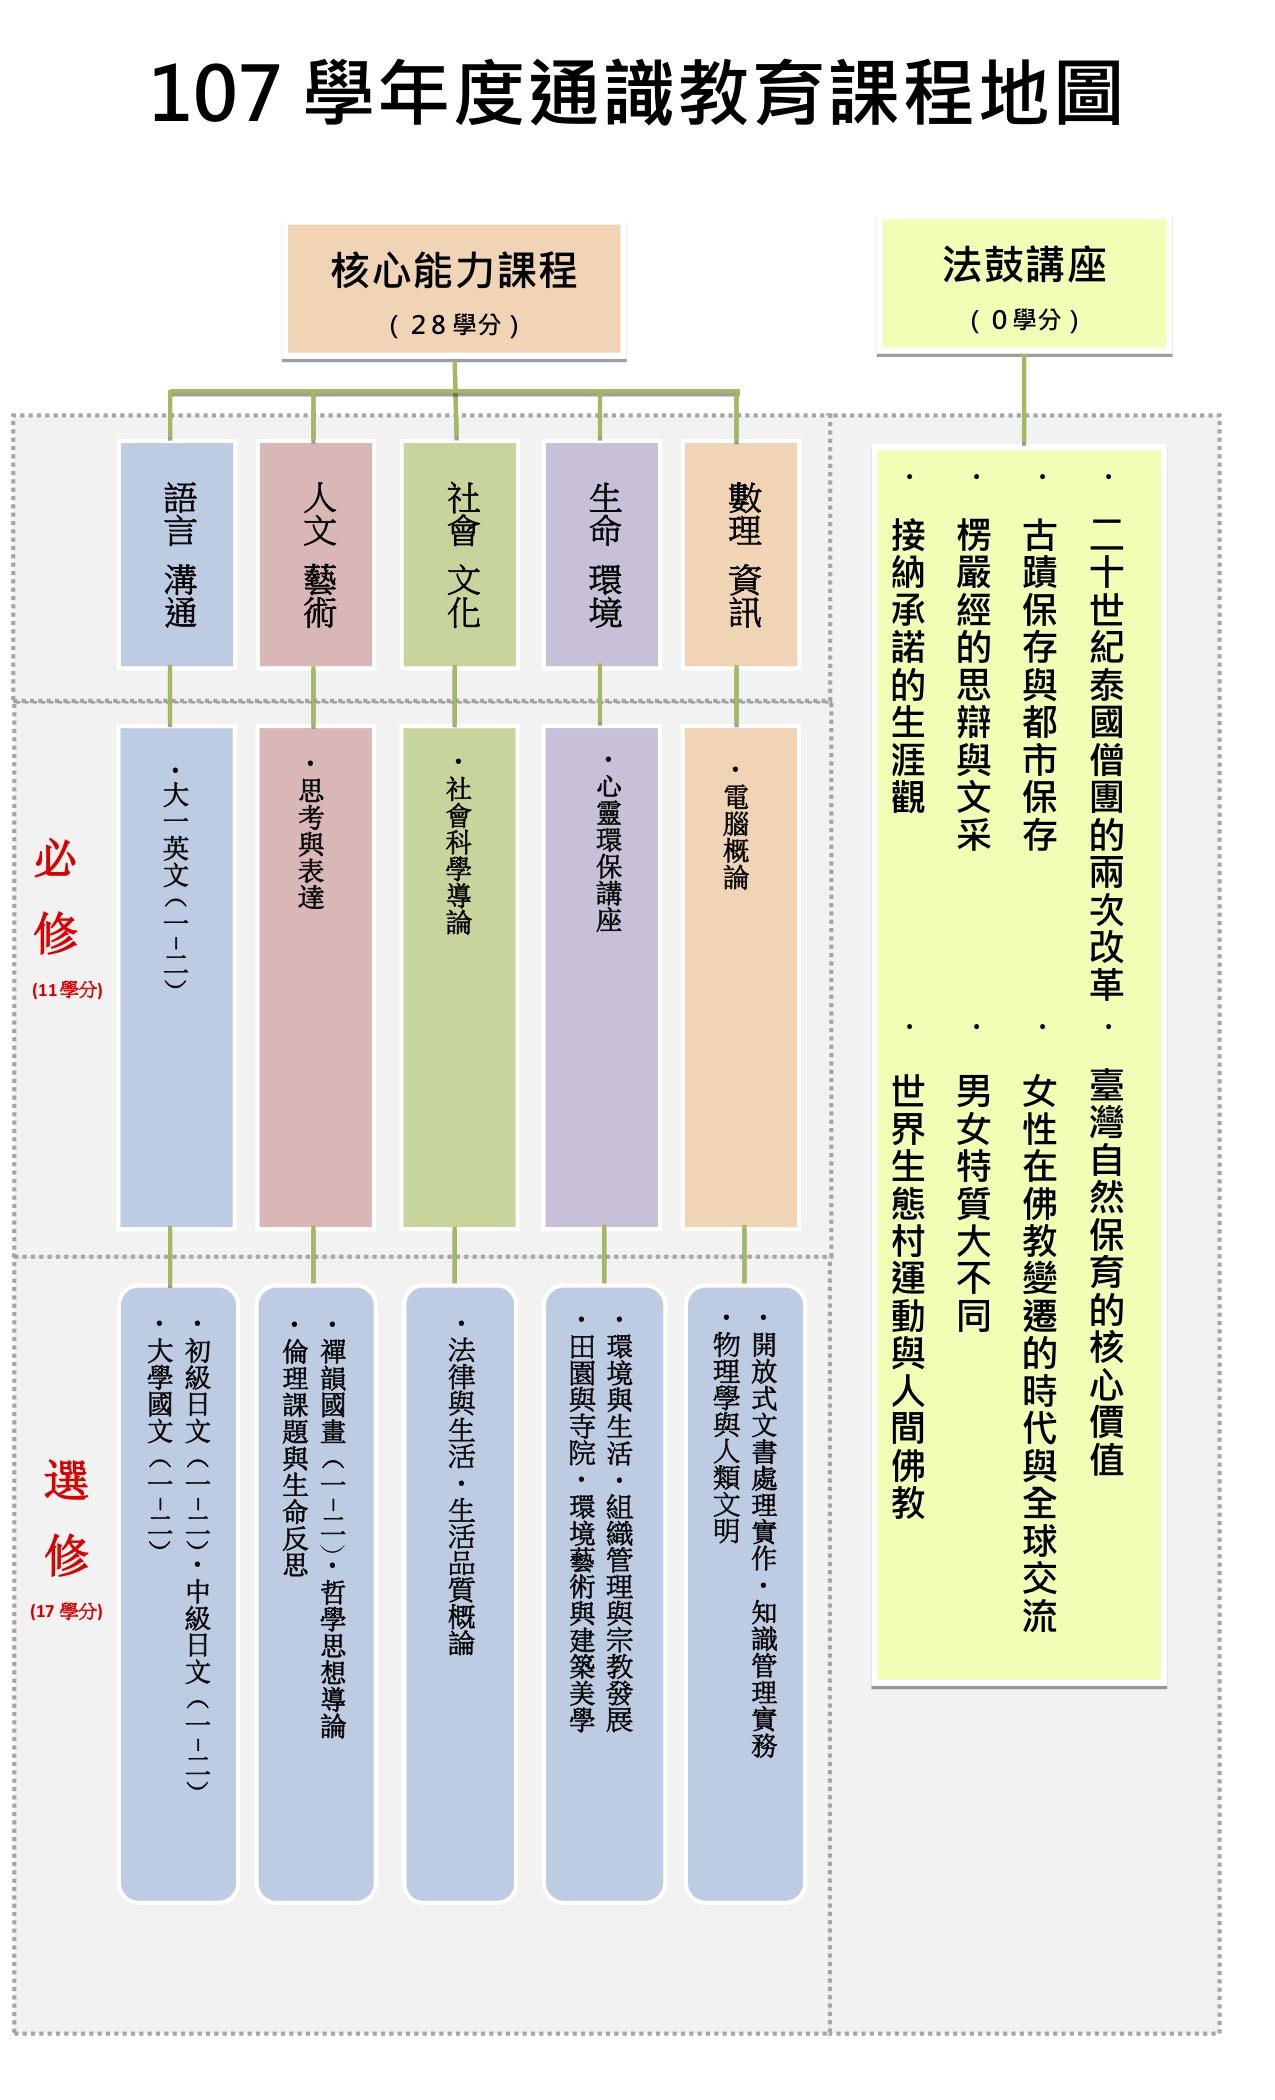 107  通識教育課程地圖(改)